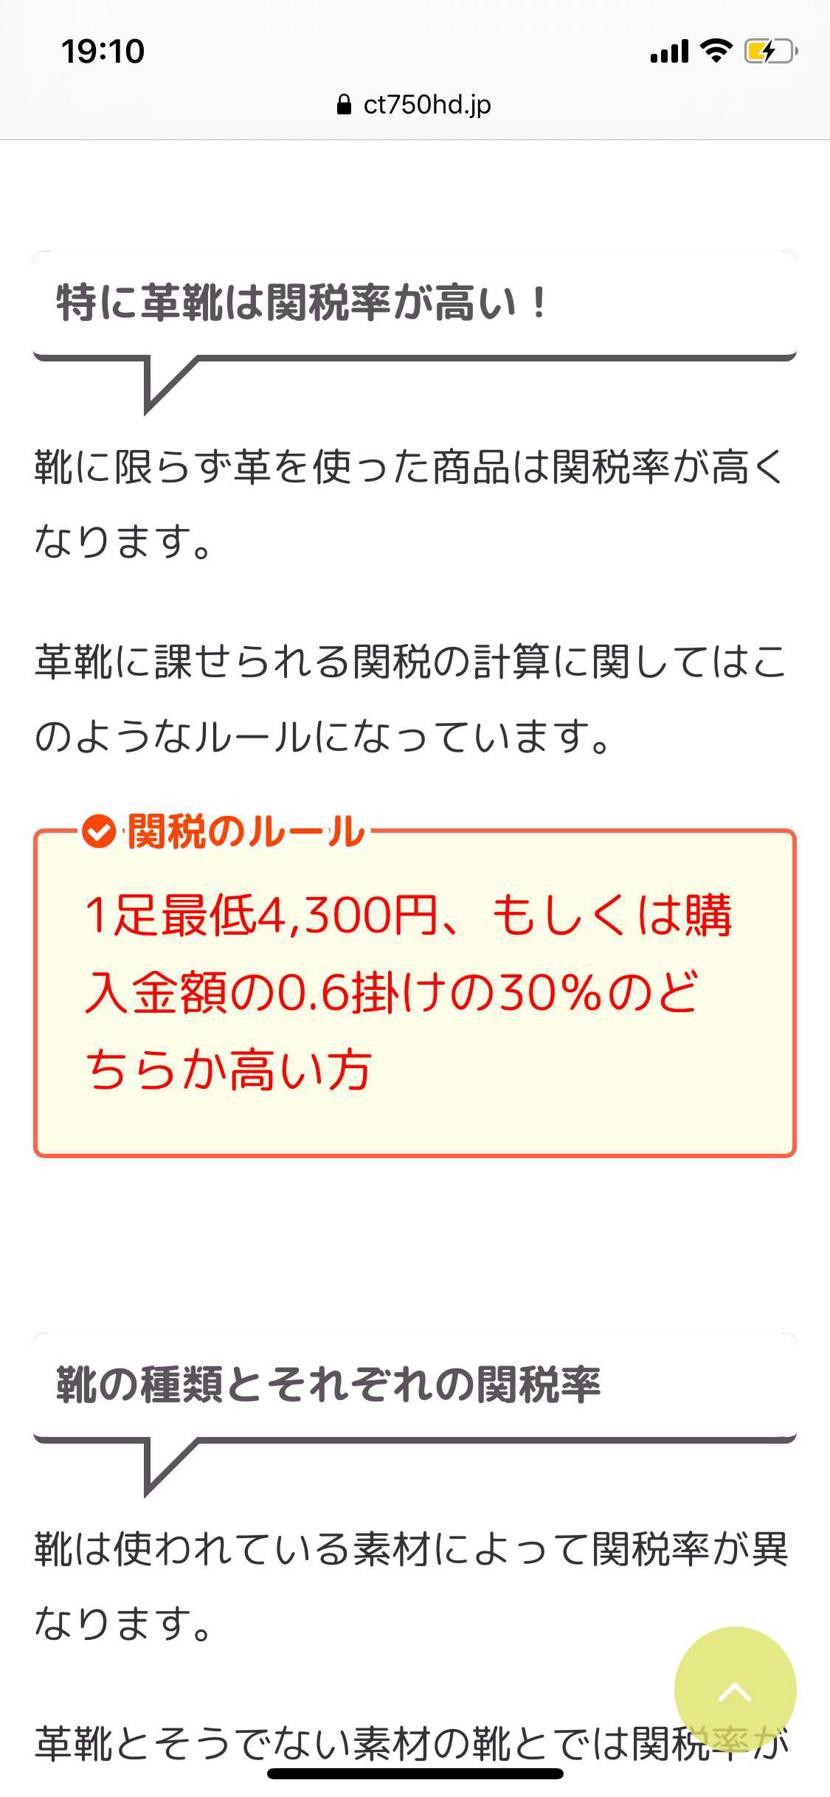 今、SNSで購入したのが、到着したのですが、関税+消費税で5900円、請求されま